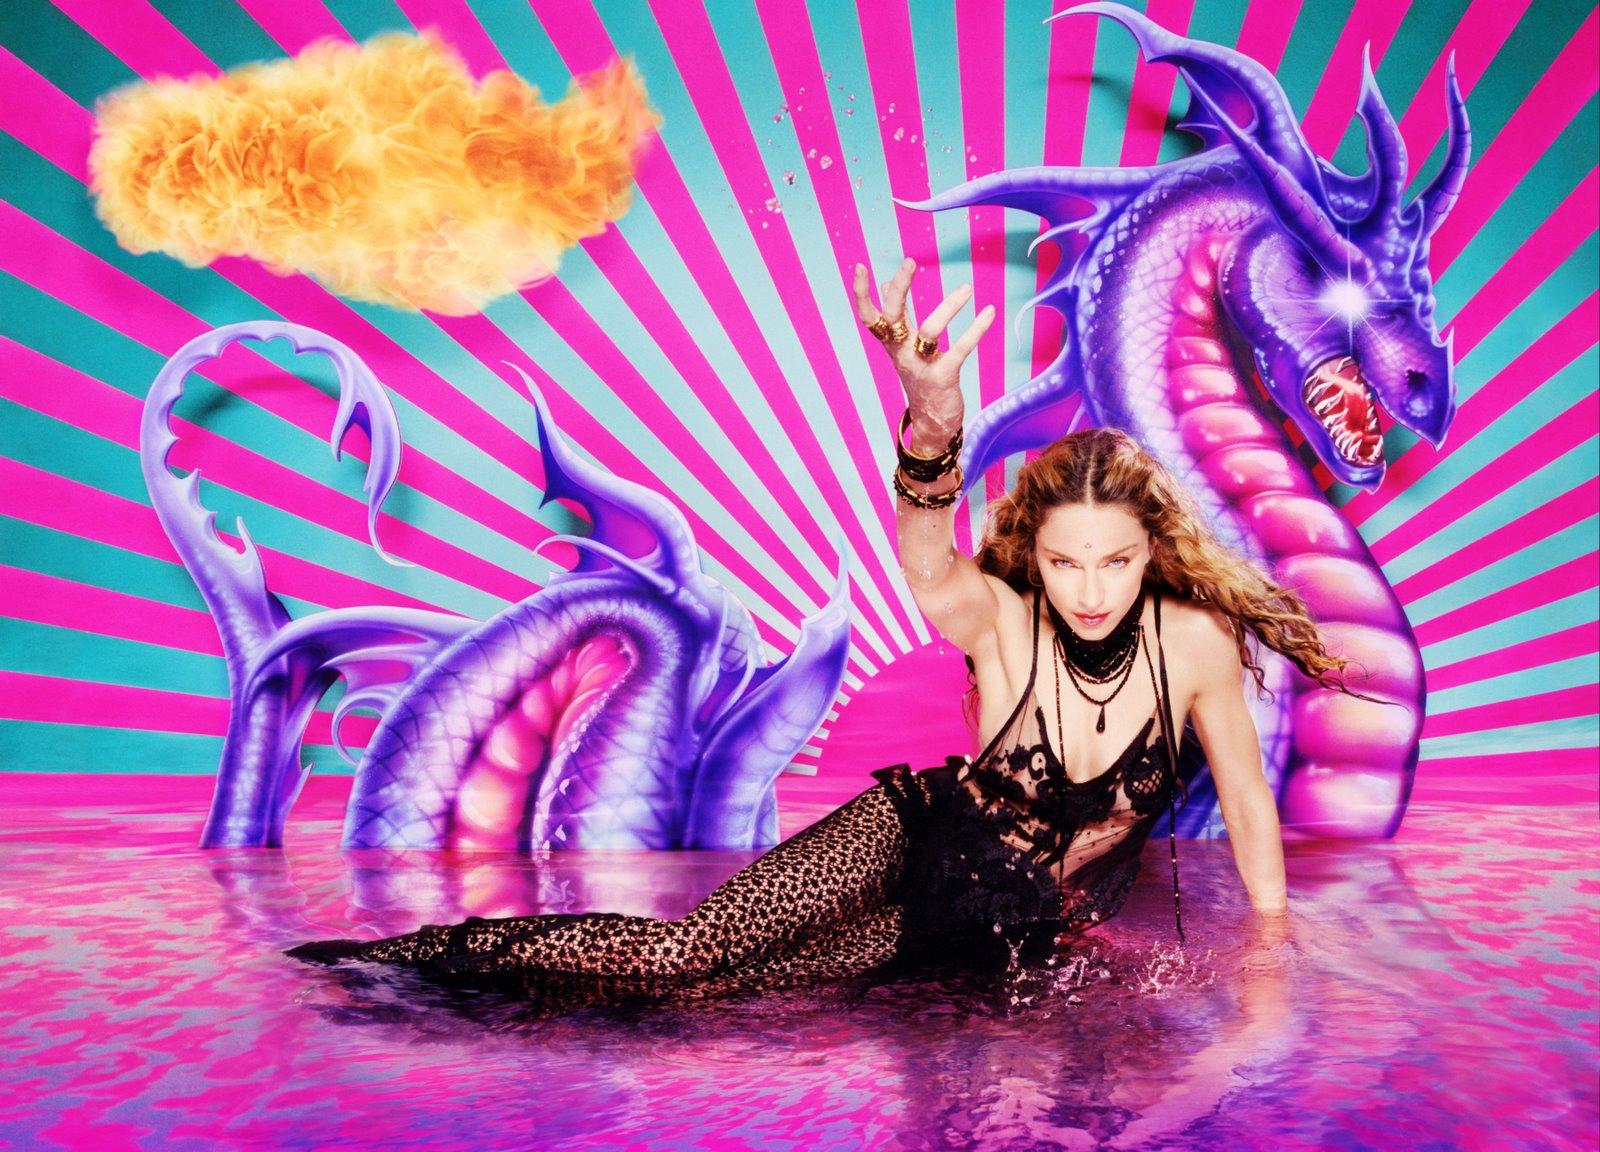 http://4.bp.blogspot.com/-_2ALWFFe1Cw/UKS8pU4YGiI/AAAAAAAAB5k/I_YDYfiTiBs/s1600/La+Chapelle+Madonna+03.jpeg